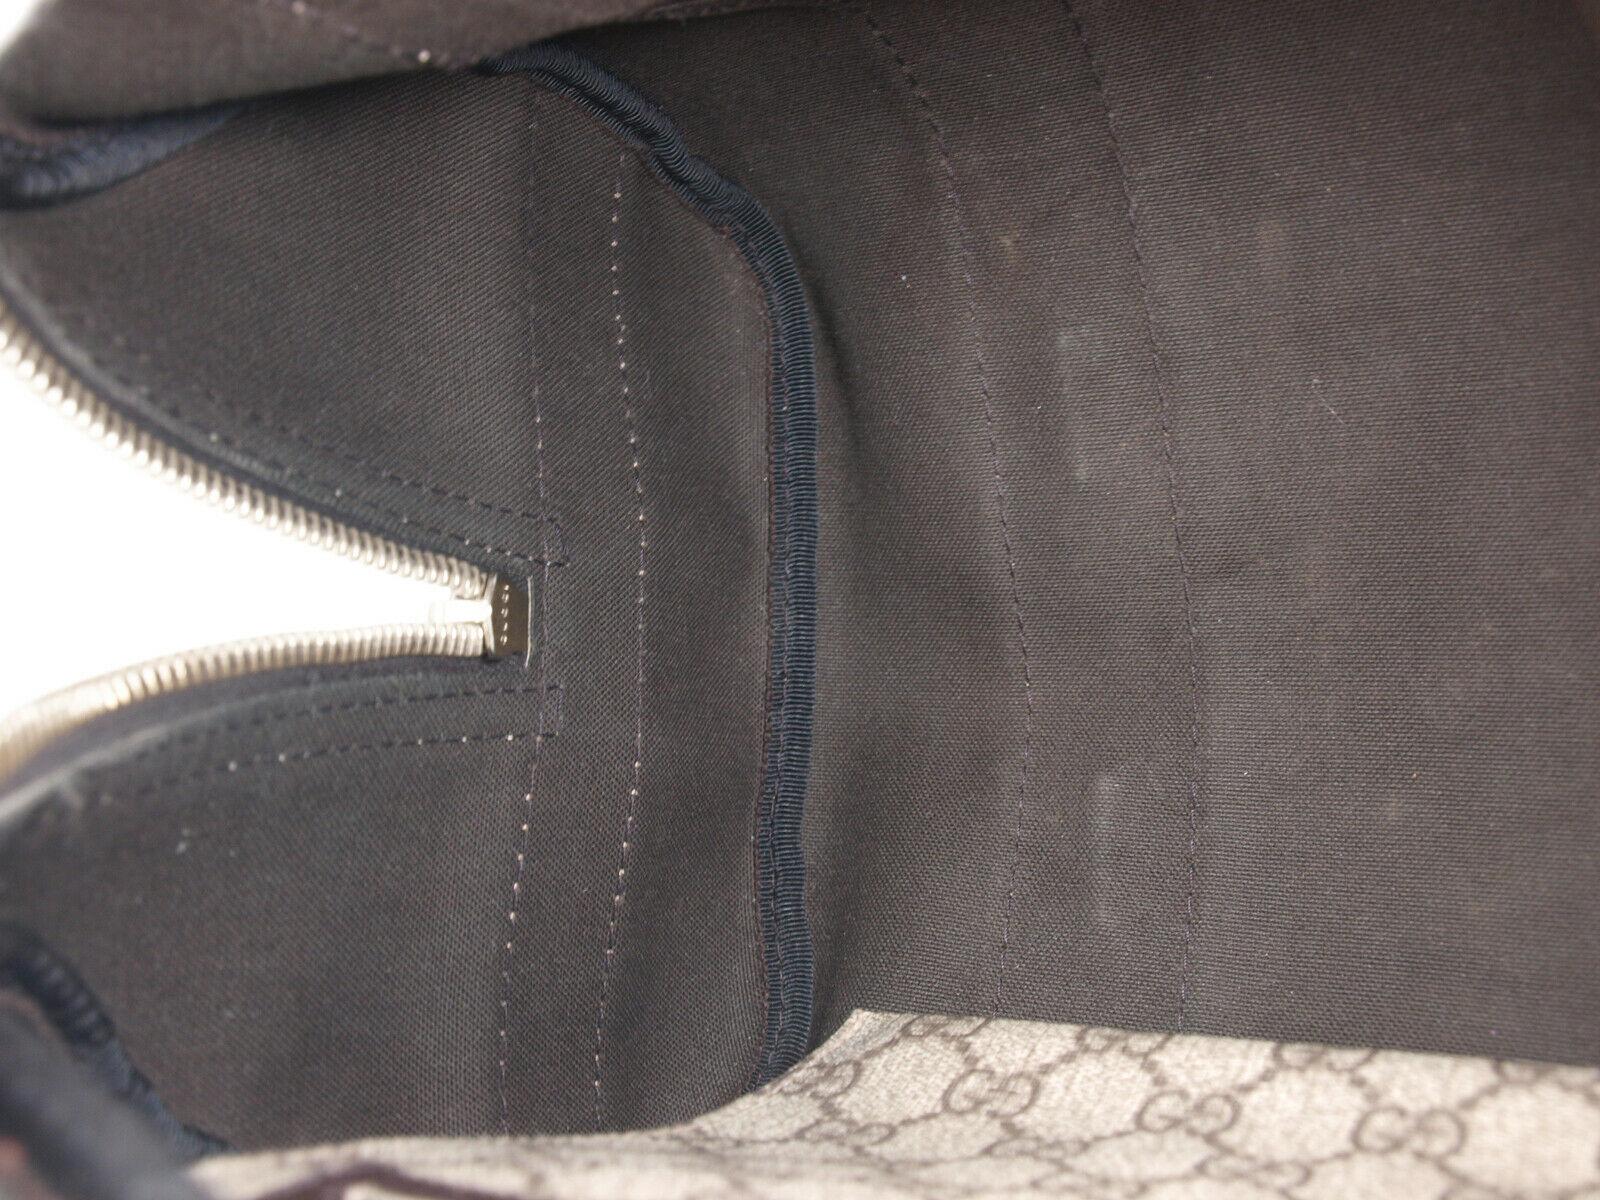 GUCCI GG Web PVC Canvas Patent Leather Browns Shoulder Bag GS2242 image 9